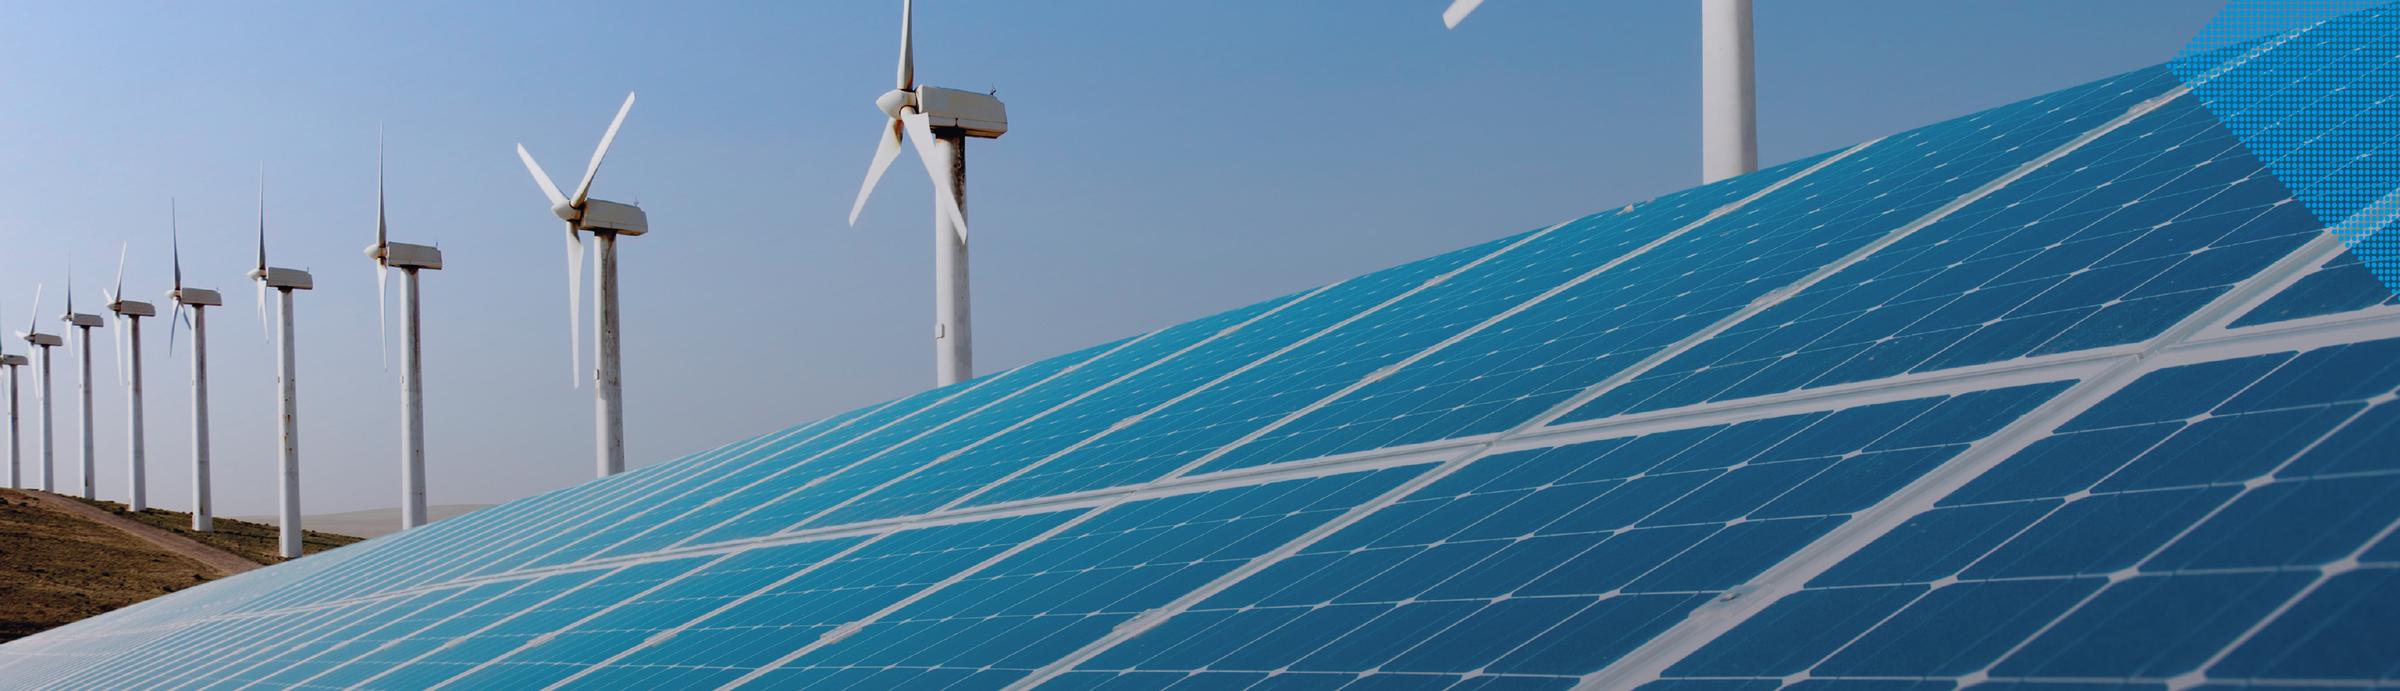 Główna - Energia odnawialna